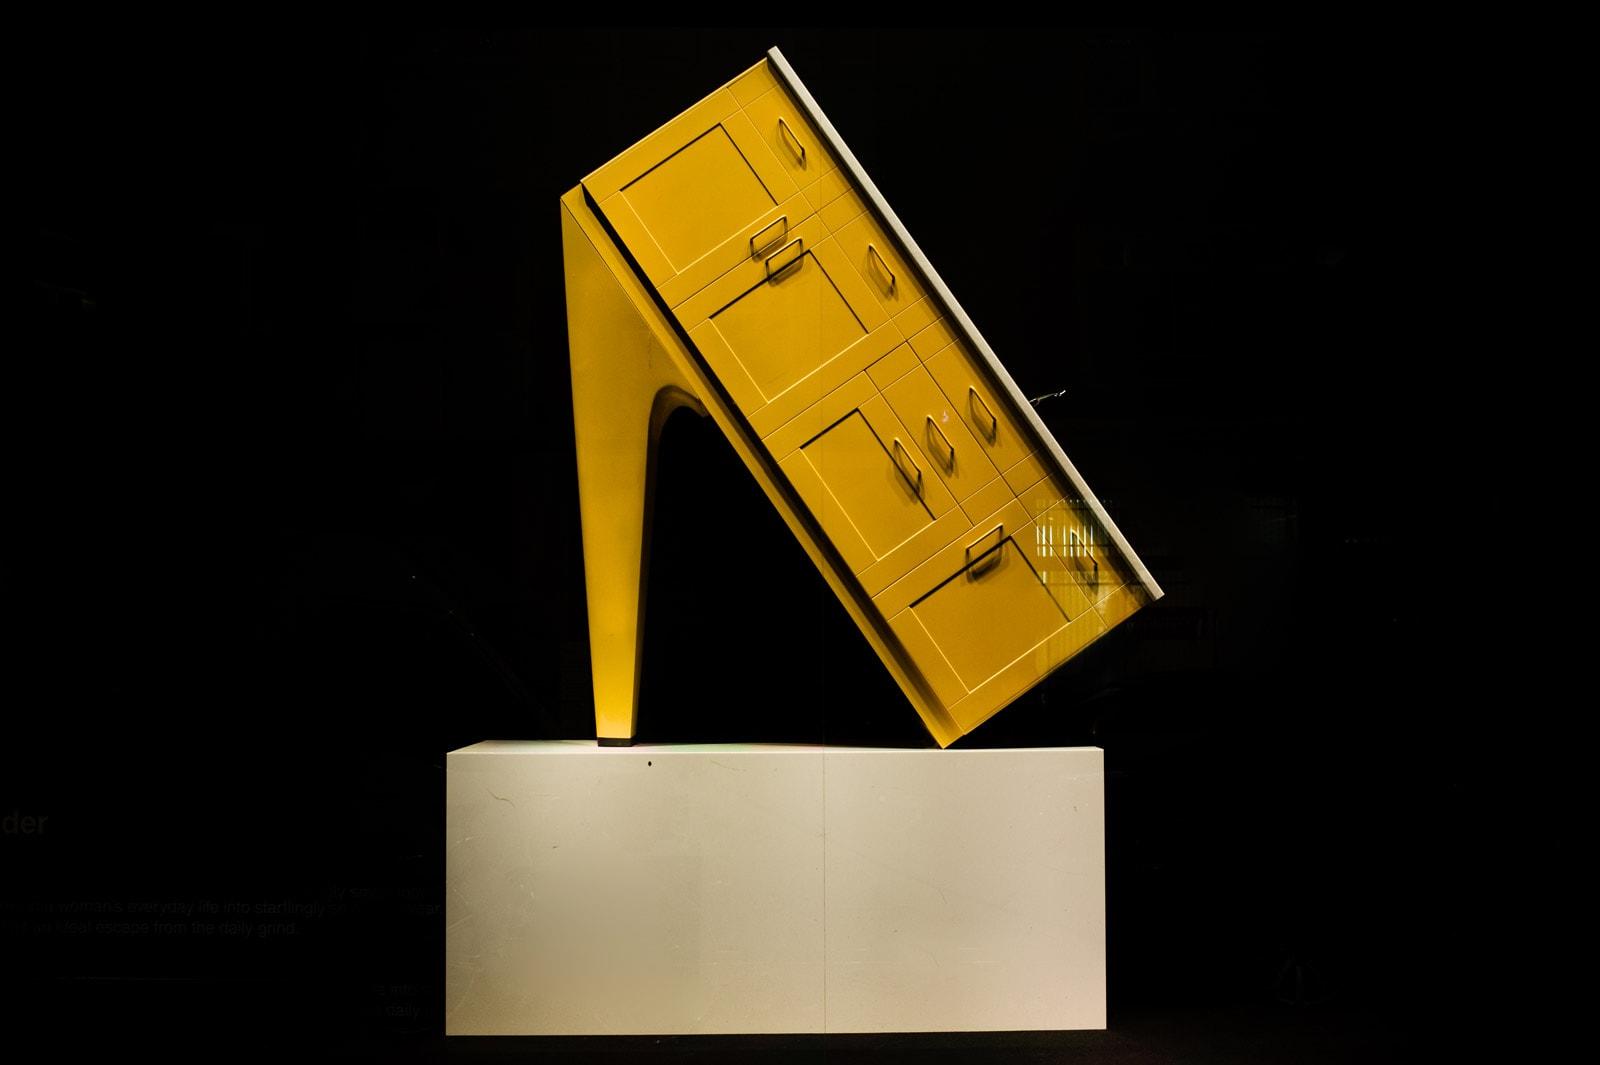 Studio Sander Plug – Selfridges - Shoe Windows